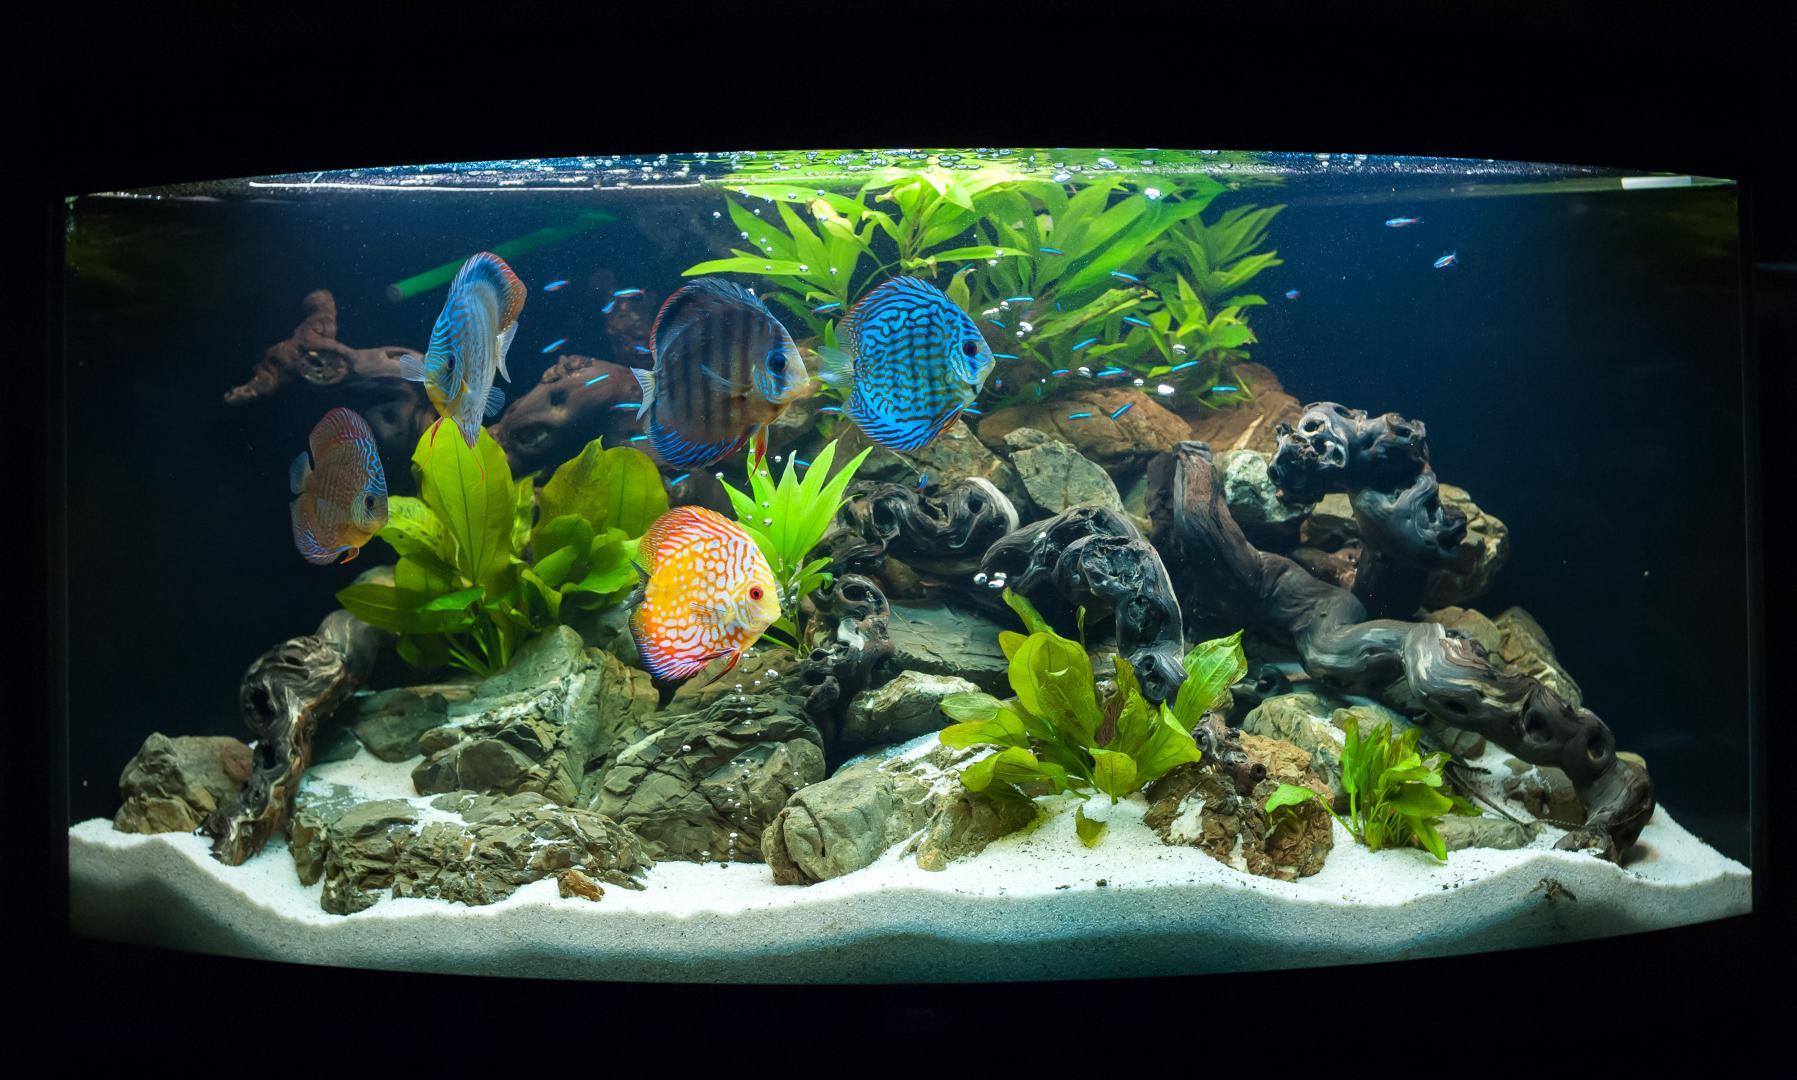 Aquarium eau douce granby saint jean sur richelieu for Poisson aquarium eau douce froide